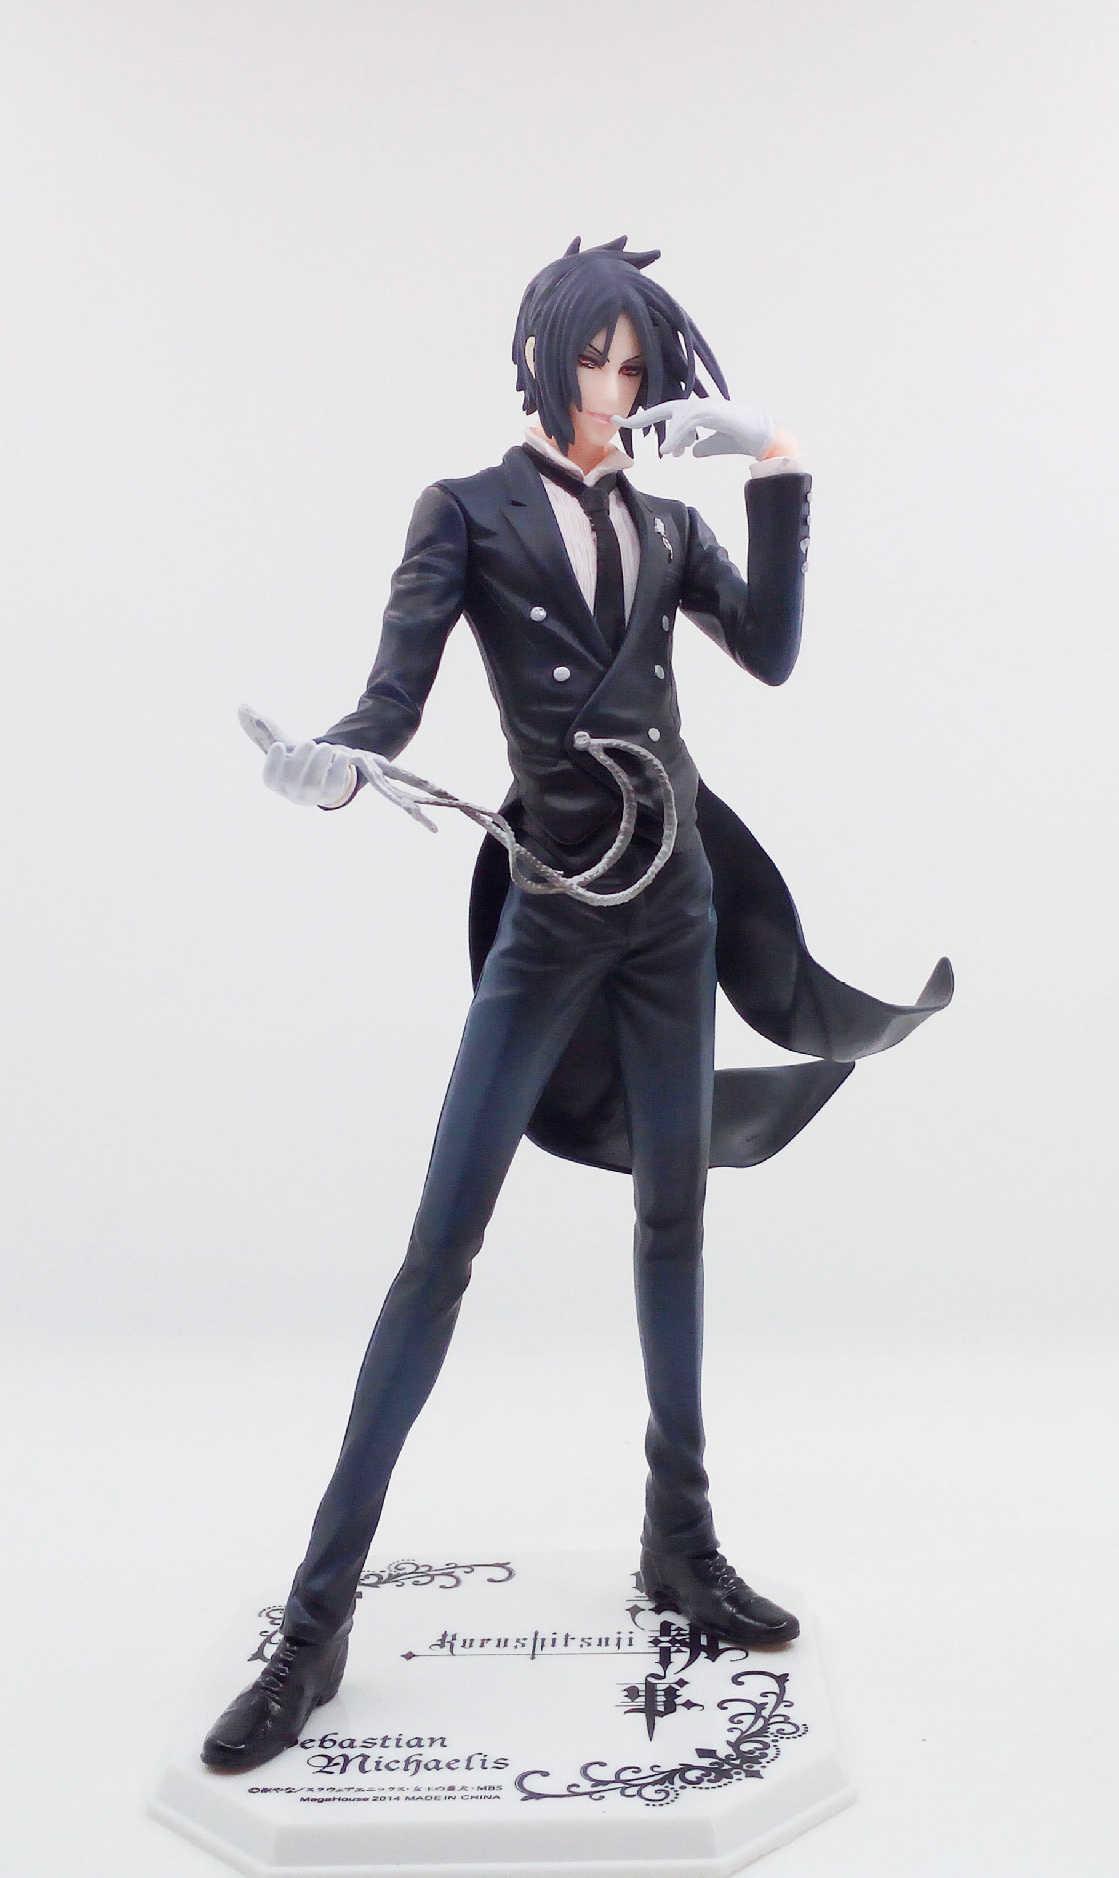 23cm negro Butler Devil Sebastian Michael acción Anime libro de circo Undertaker figura PVC modelo muñeca regalo juguete